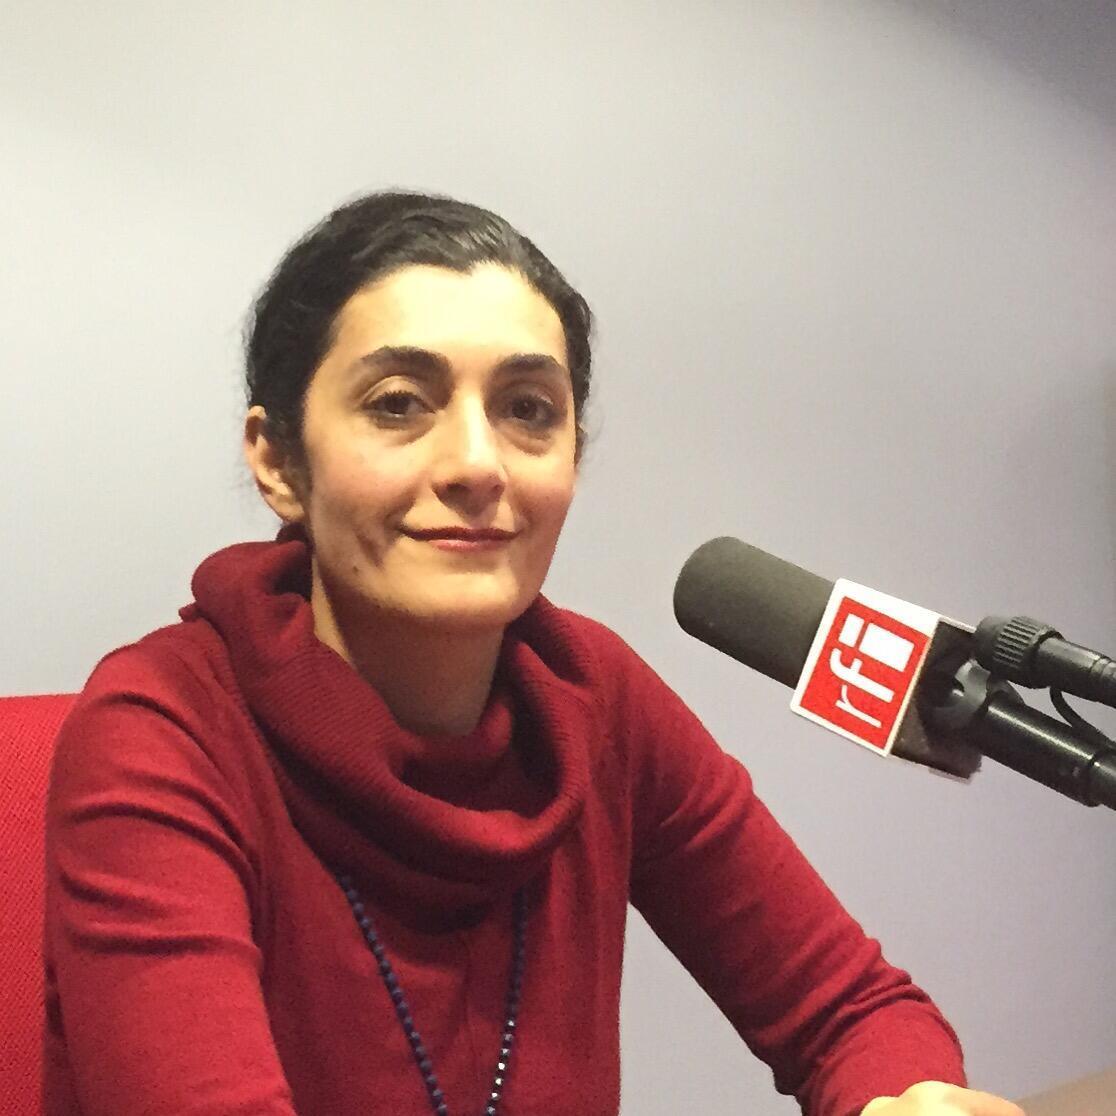 دریا دادور، آهنگساز و خوانندۀ ایرانی، در استودیوی ار.اف.ای، 26 نوامبر 2015